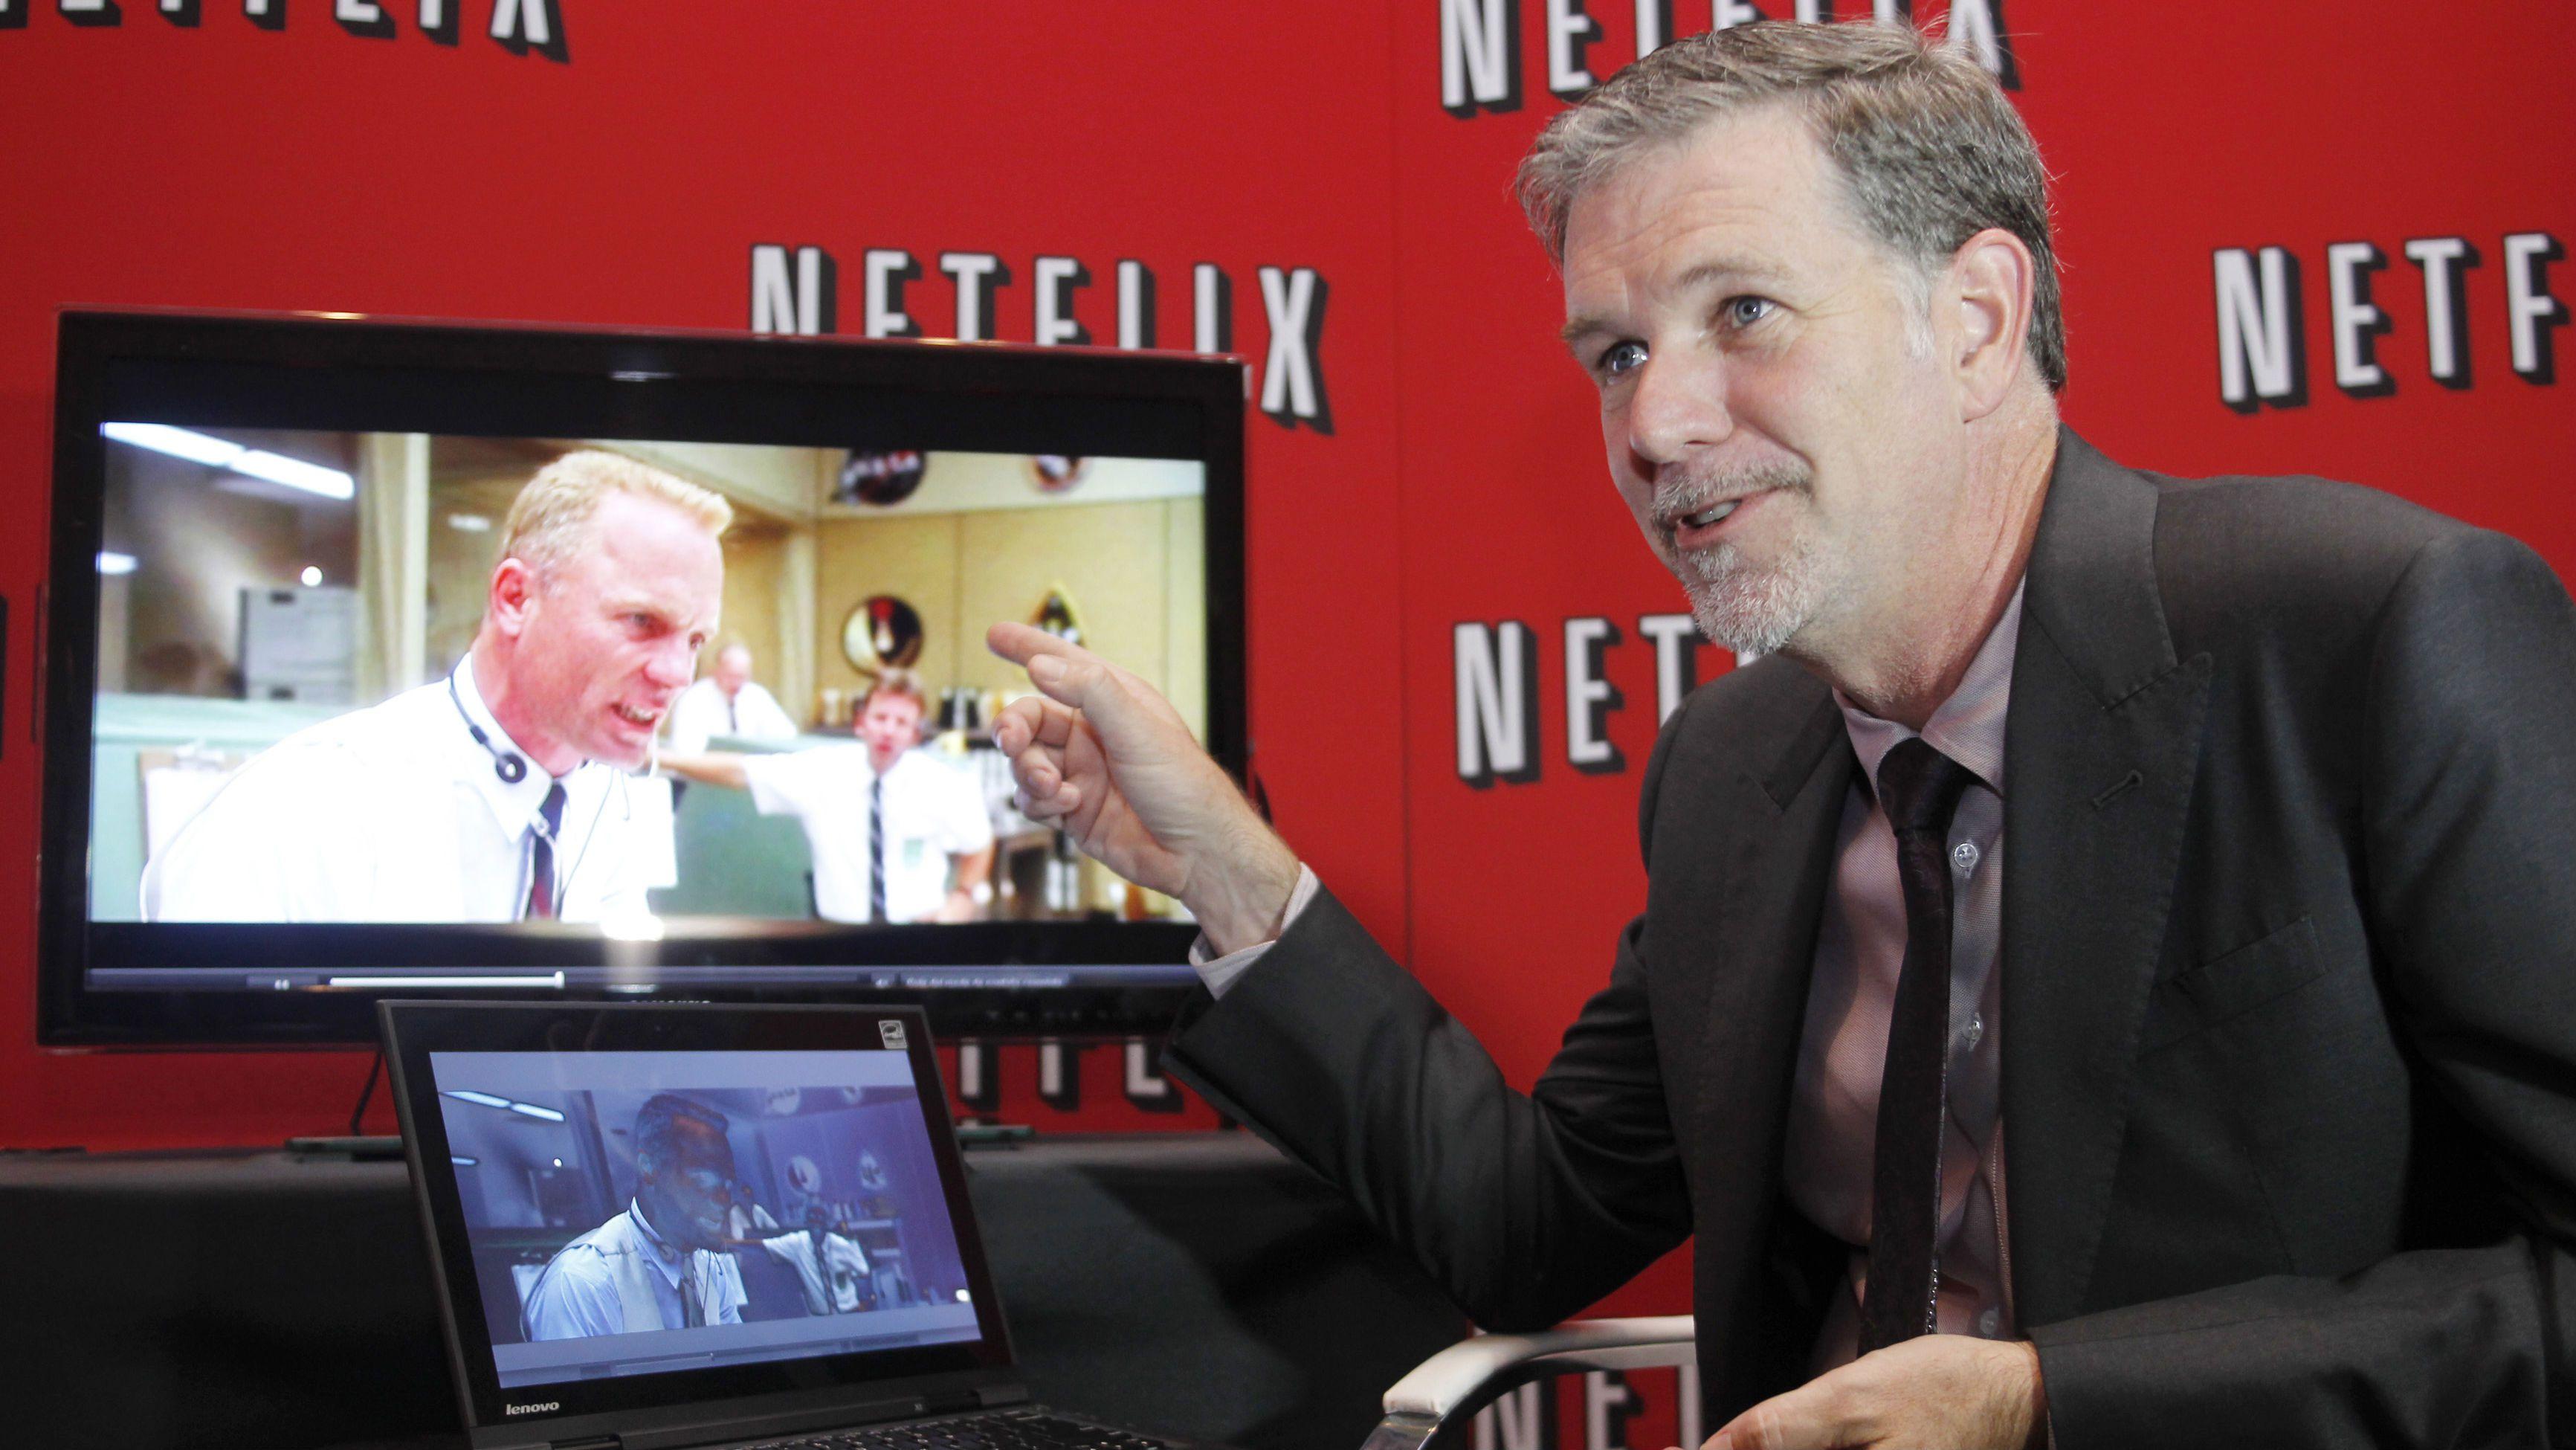 How to diagnose and improve your Netflix streaming quality — Quartz